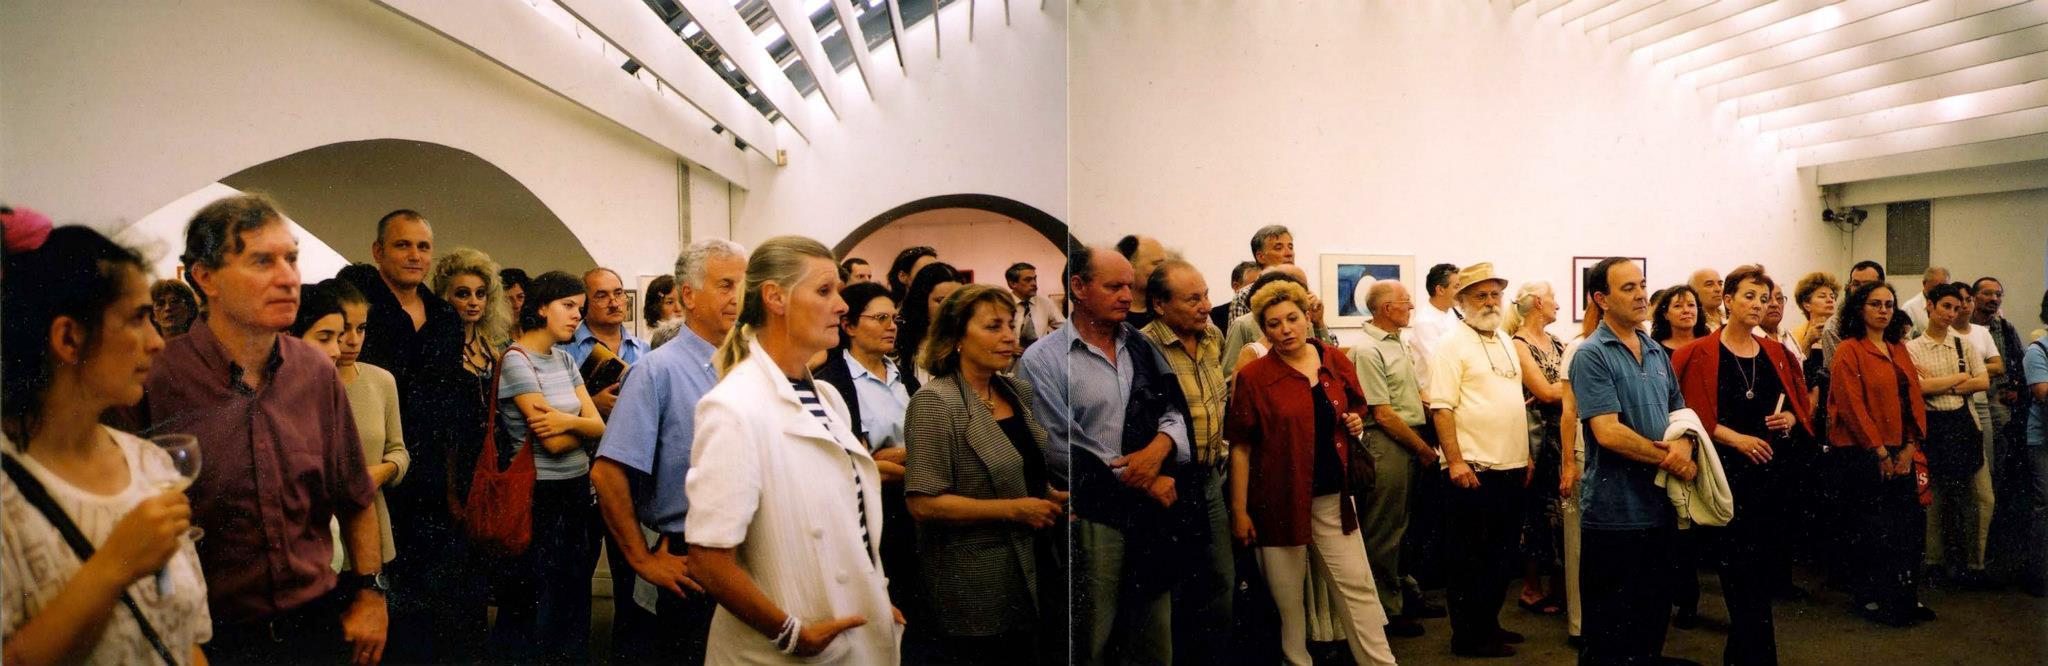 2002.05.24. Tojástörténetek kiállításmegnyitó a Vigadóban